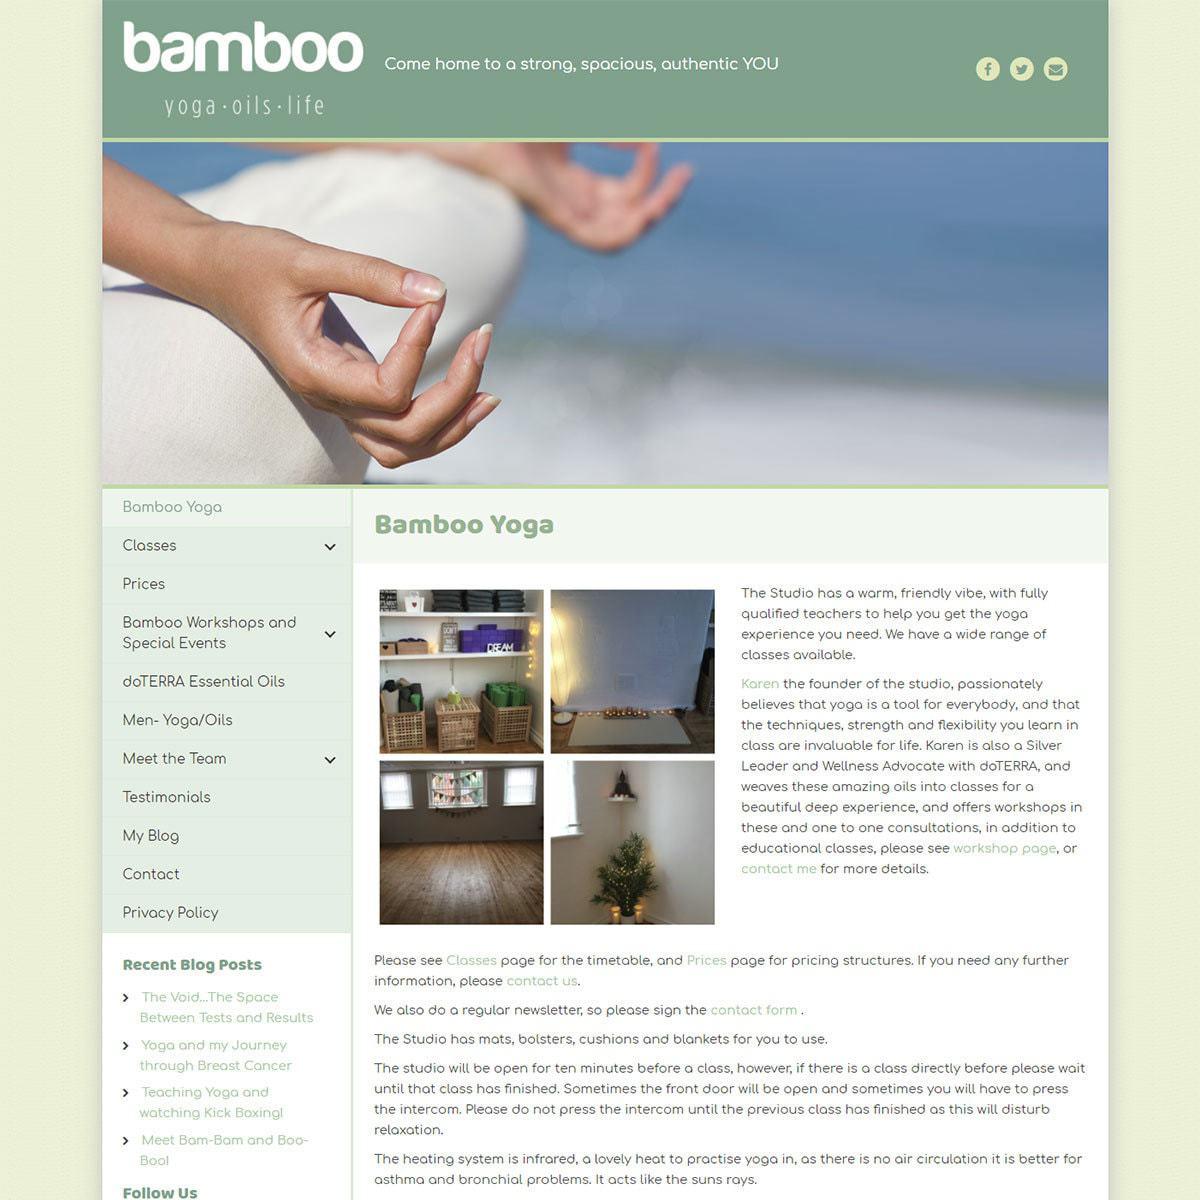 bambooyoga1